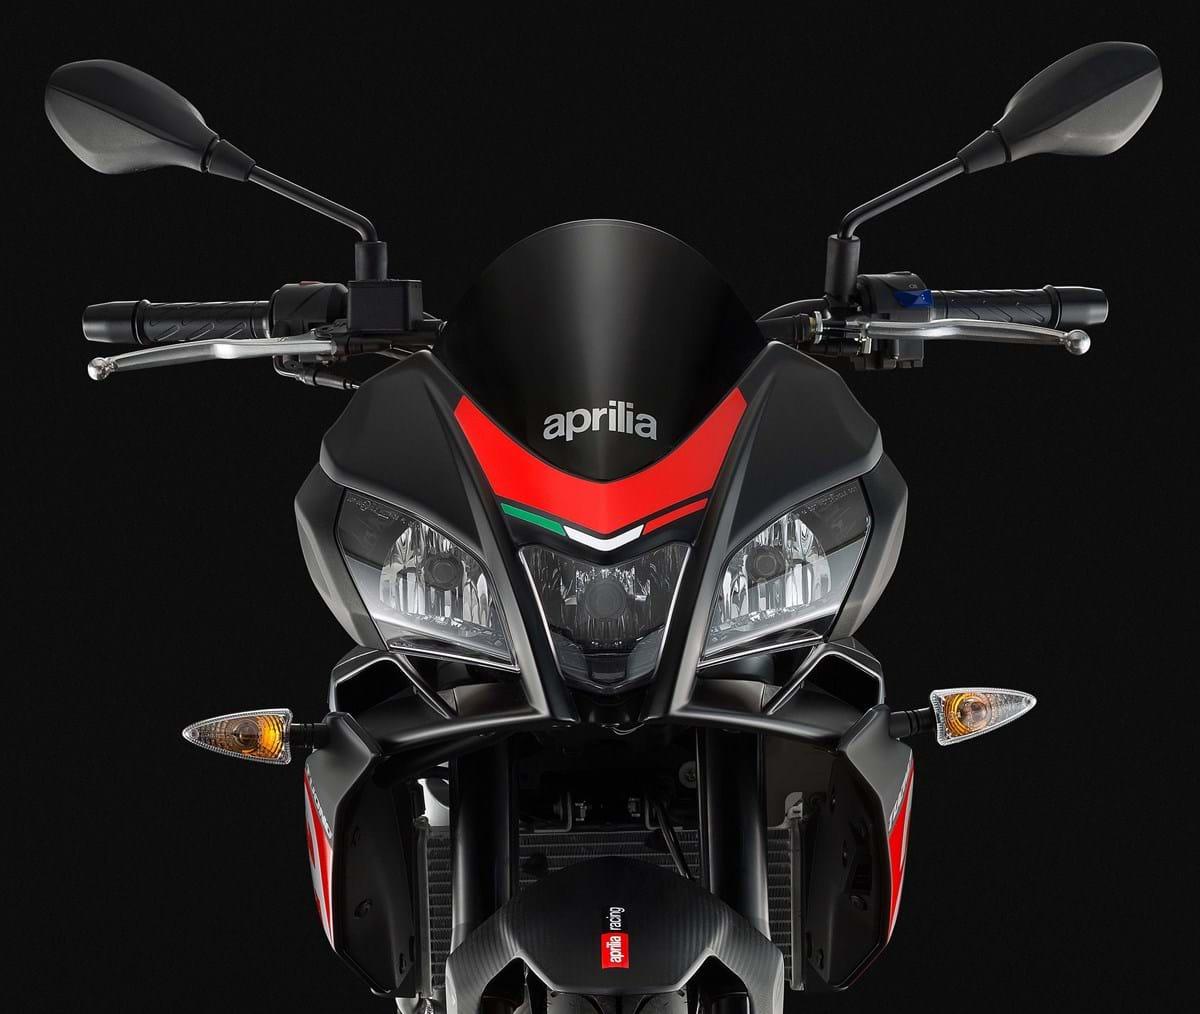 Review: Aprilia Tuono 125 • The Bike Market